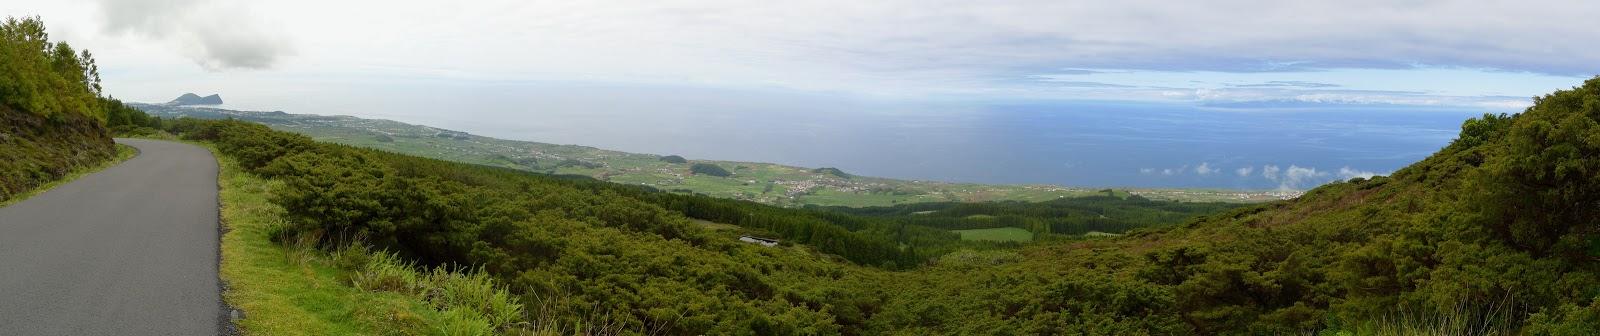 P1140227_Panorama.jpg